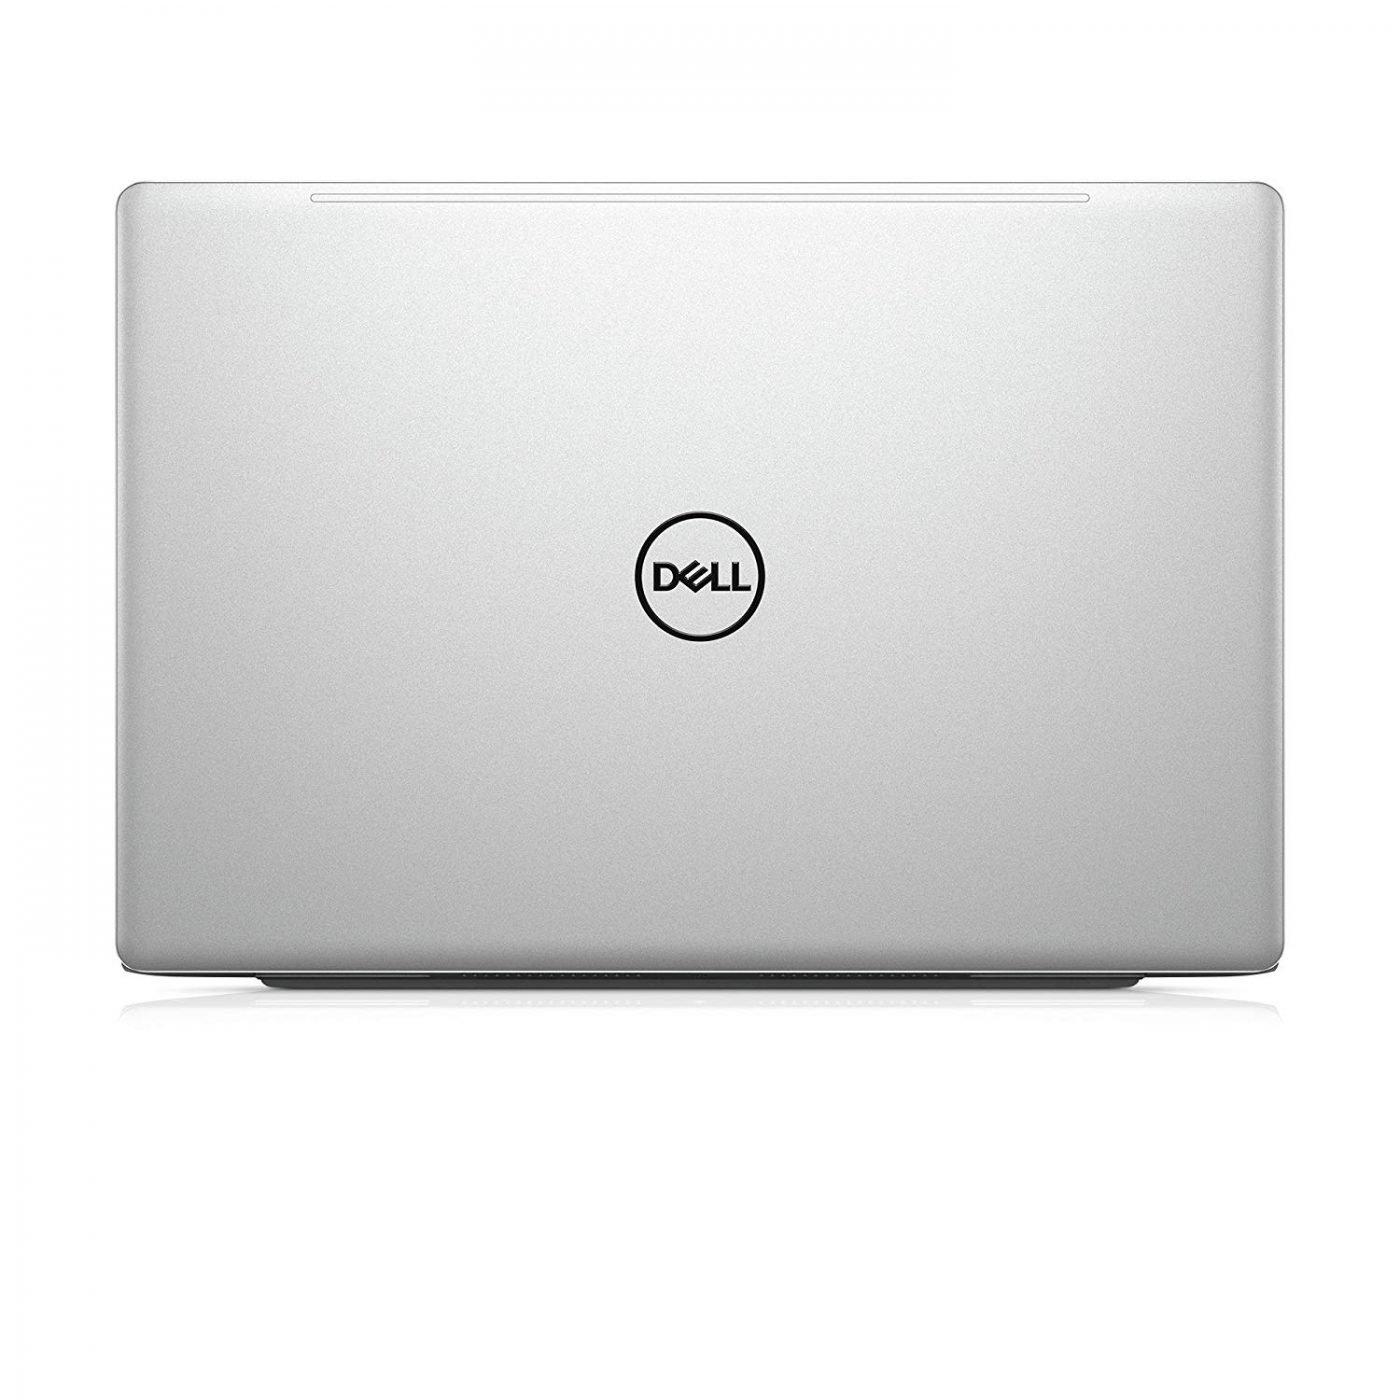 Dell Inspiron 15 7570 Silver